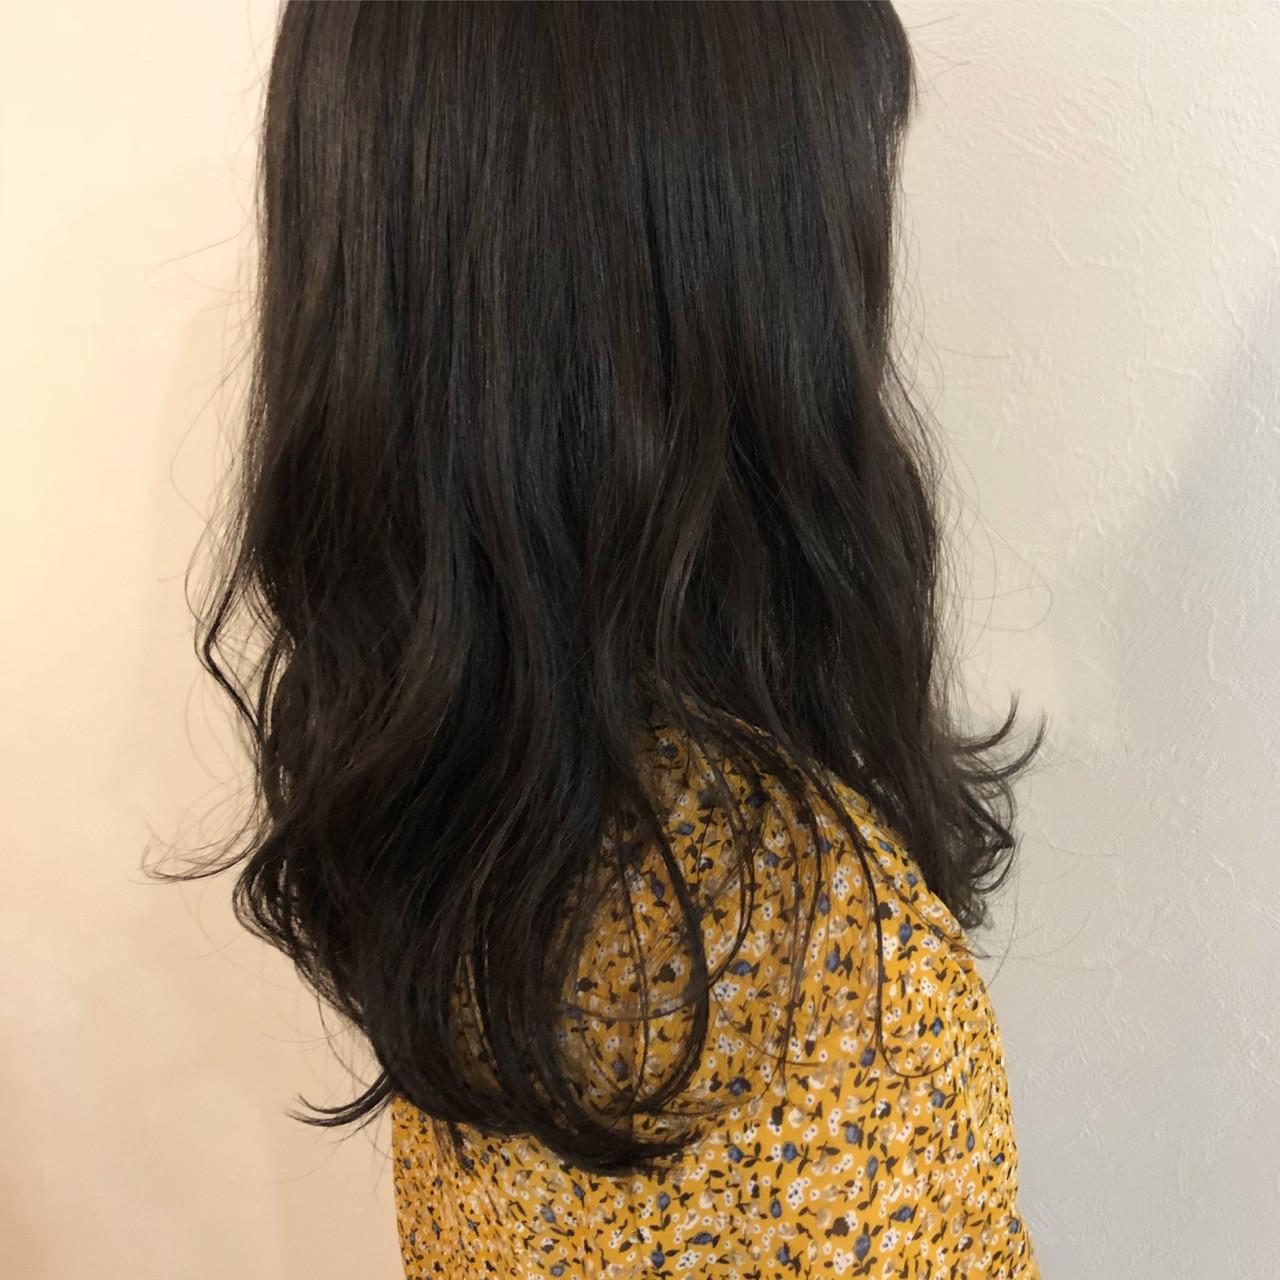 オフィス デート セミロング ベージュ ヘアスタイルや髪型の写真・画像